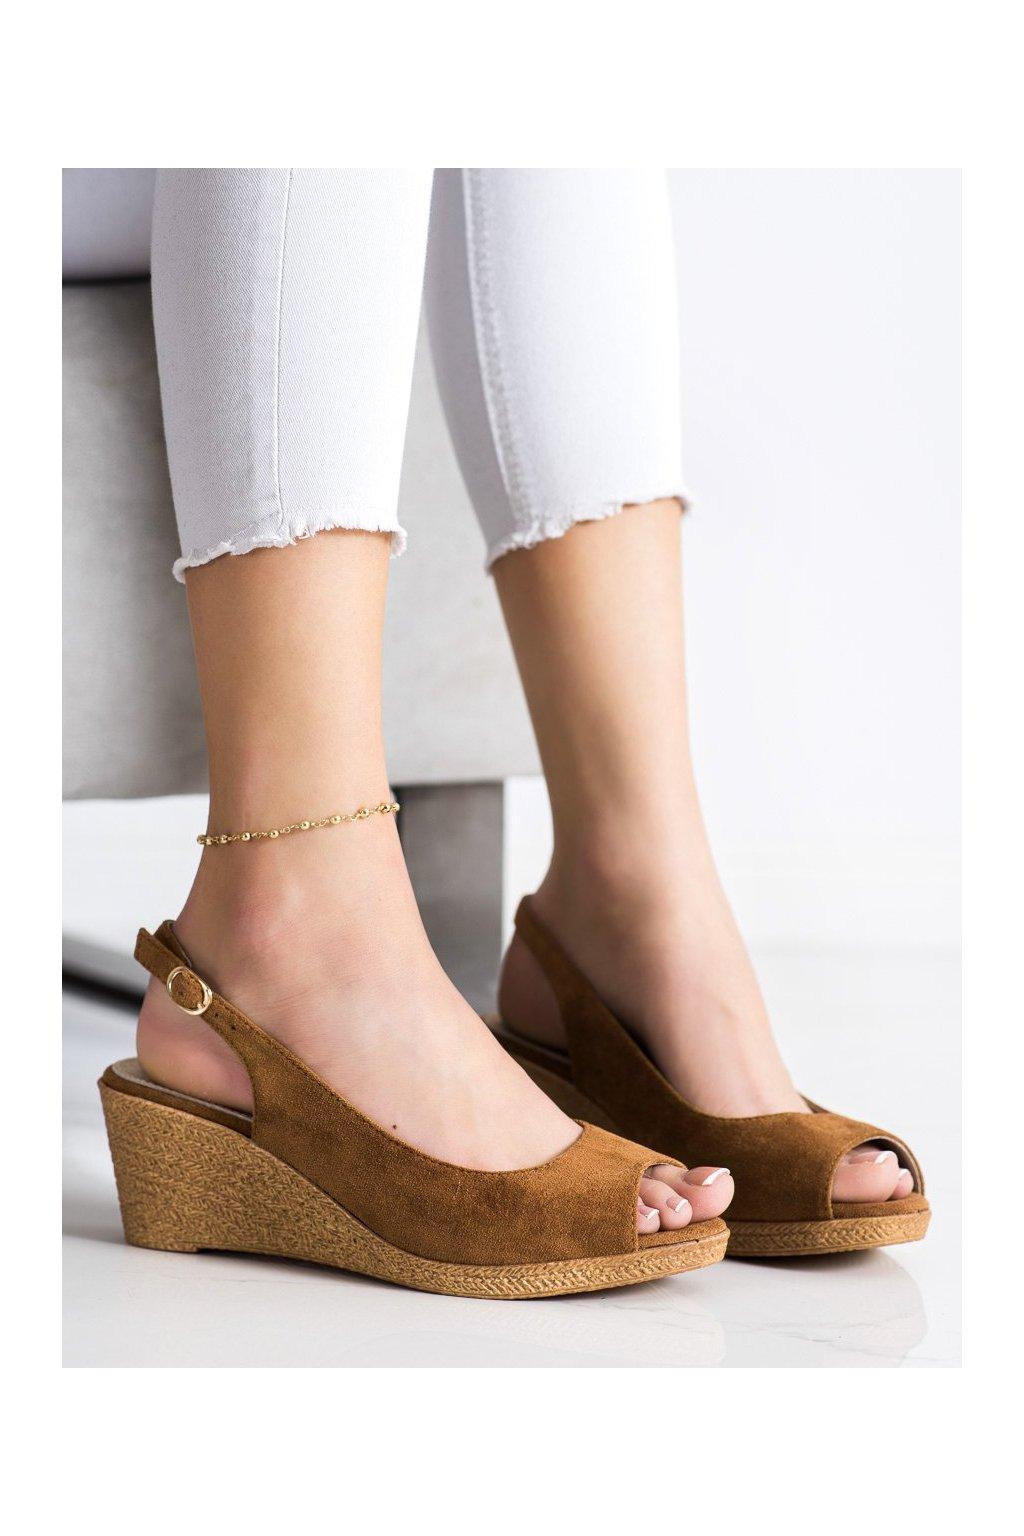 Hnedé sandále na platforme Goodin kod GD-FL653D.C